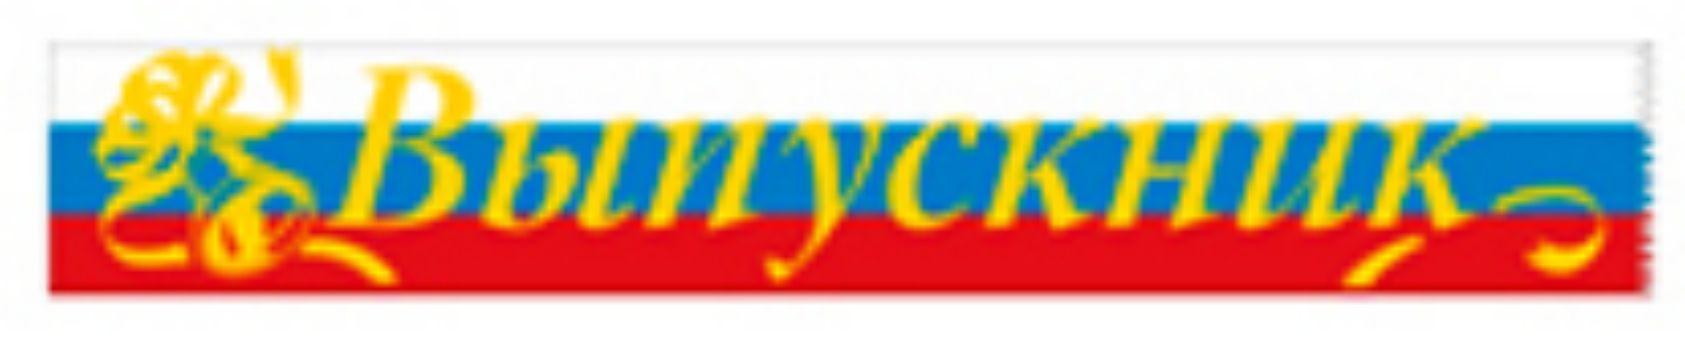 Лента Выпускник (Российская символика)Ленты<br>Лента атласная (длина 150 см). Печать-золотая фольга.<br><br>Год: 2013